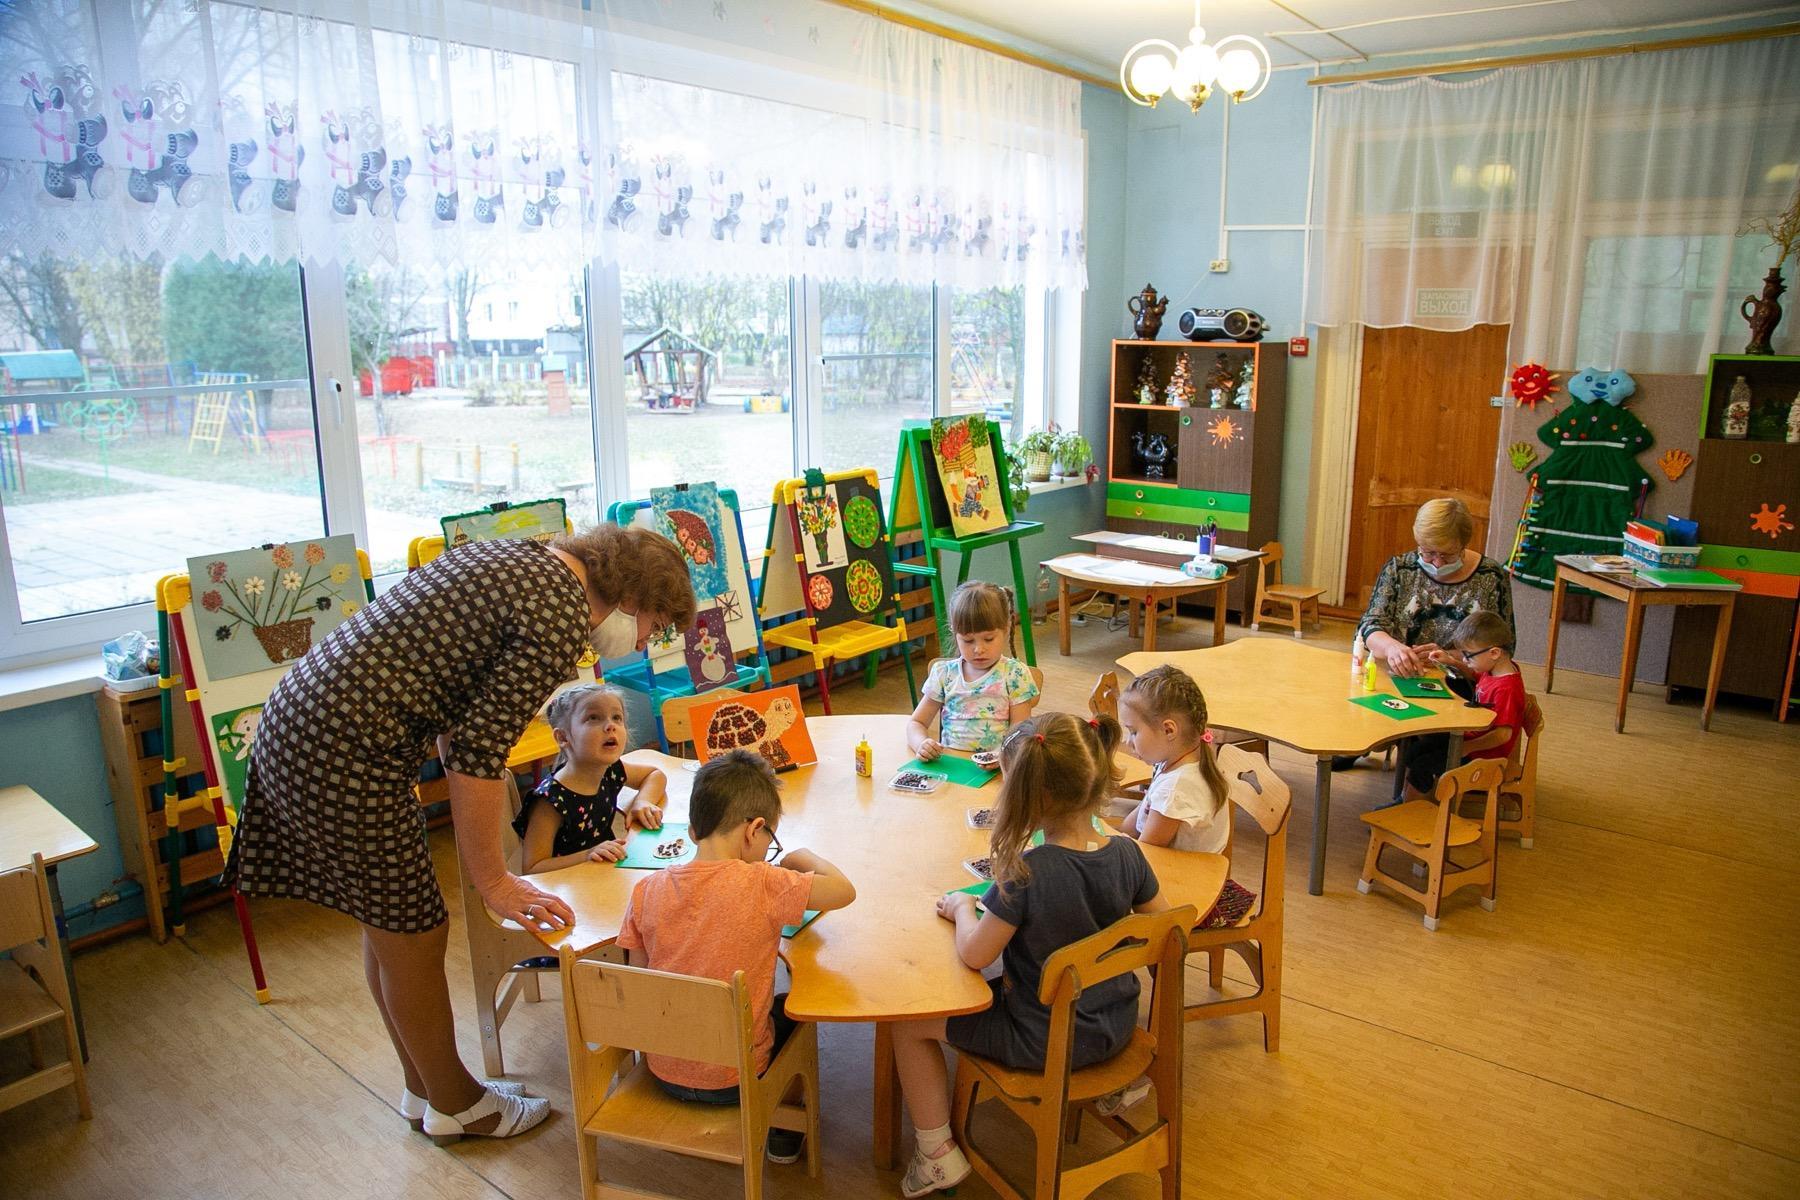 1605339282 ea6q0939 - Коломенский детский сад признан одним из лучших в России по инклюзивному образованию